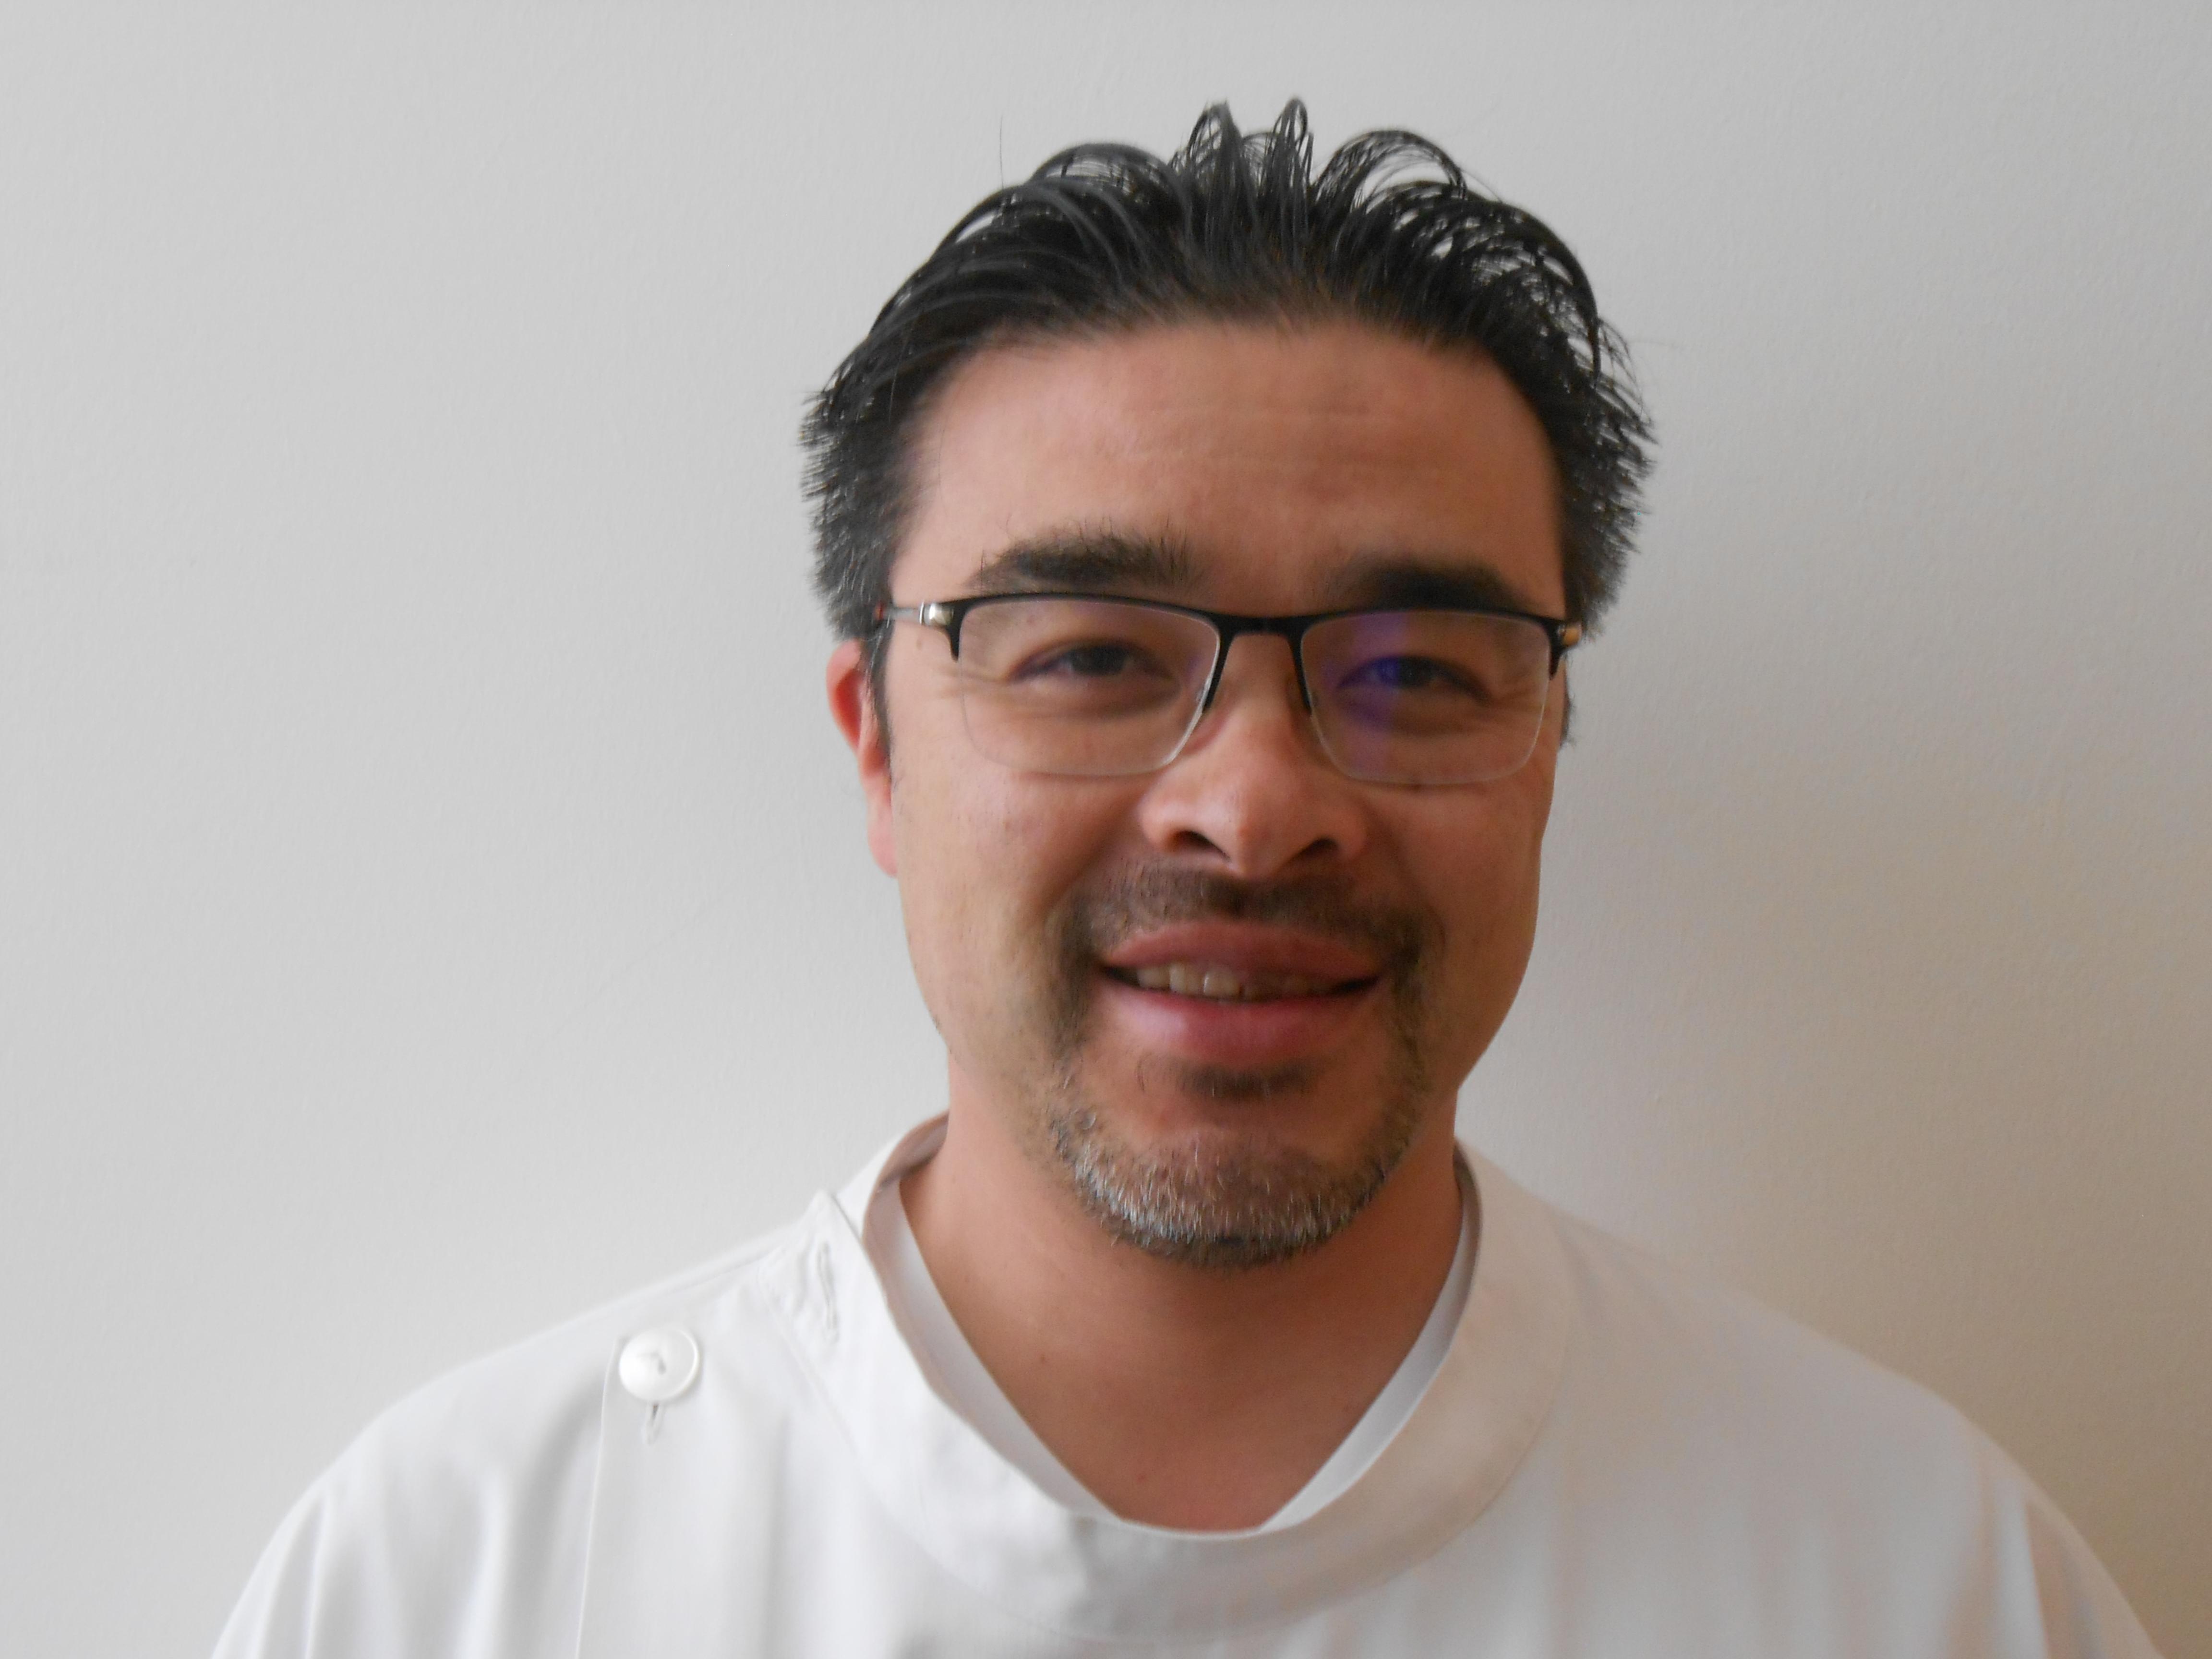 Dr. Jorge Garcia